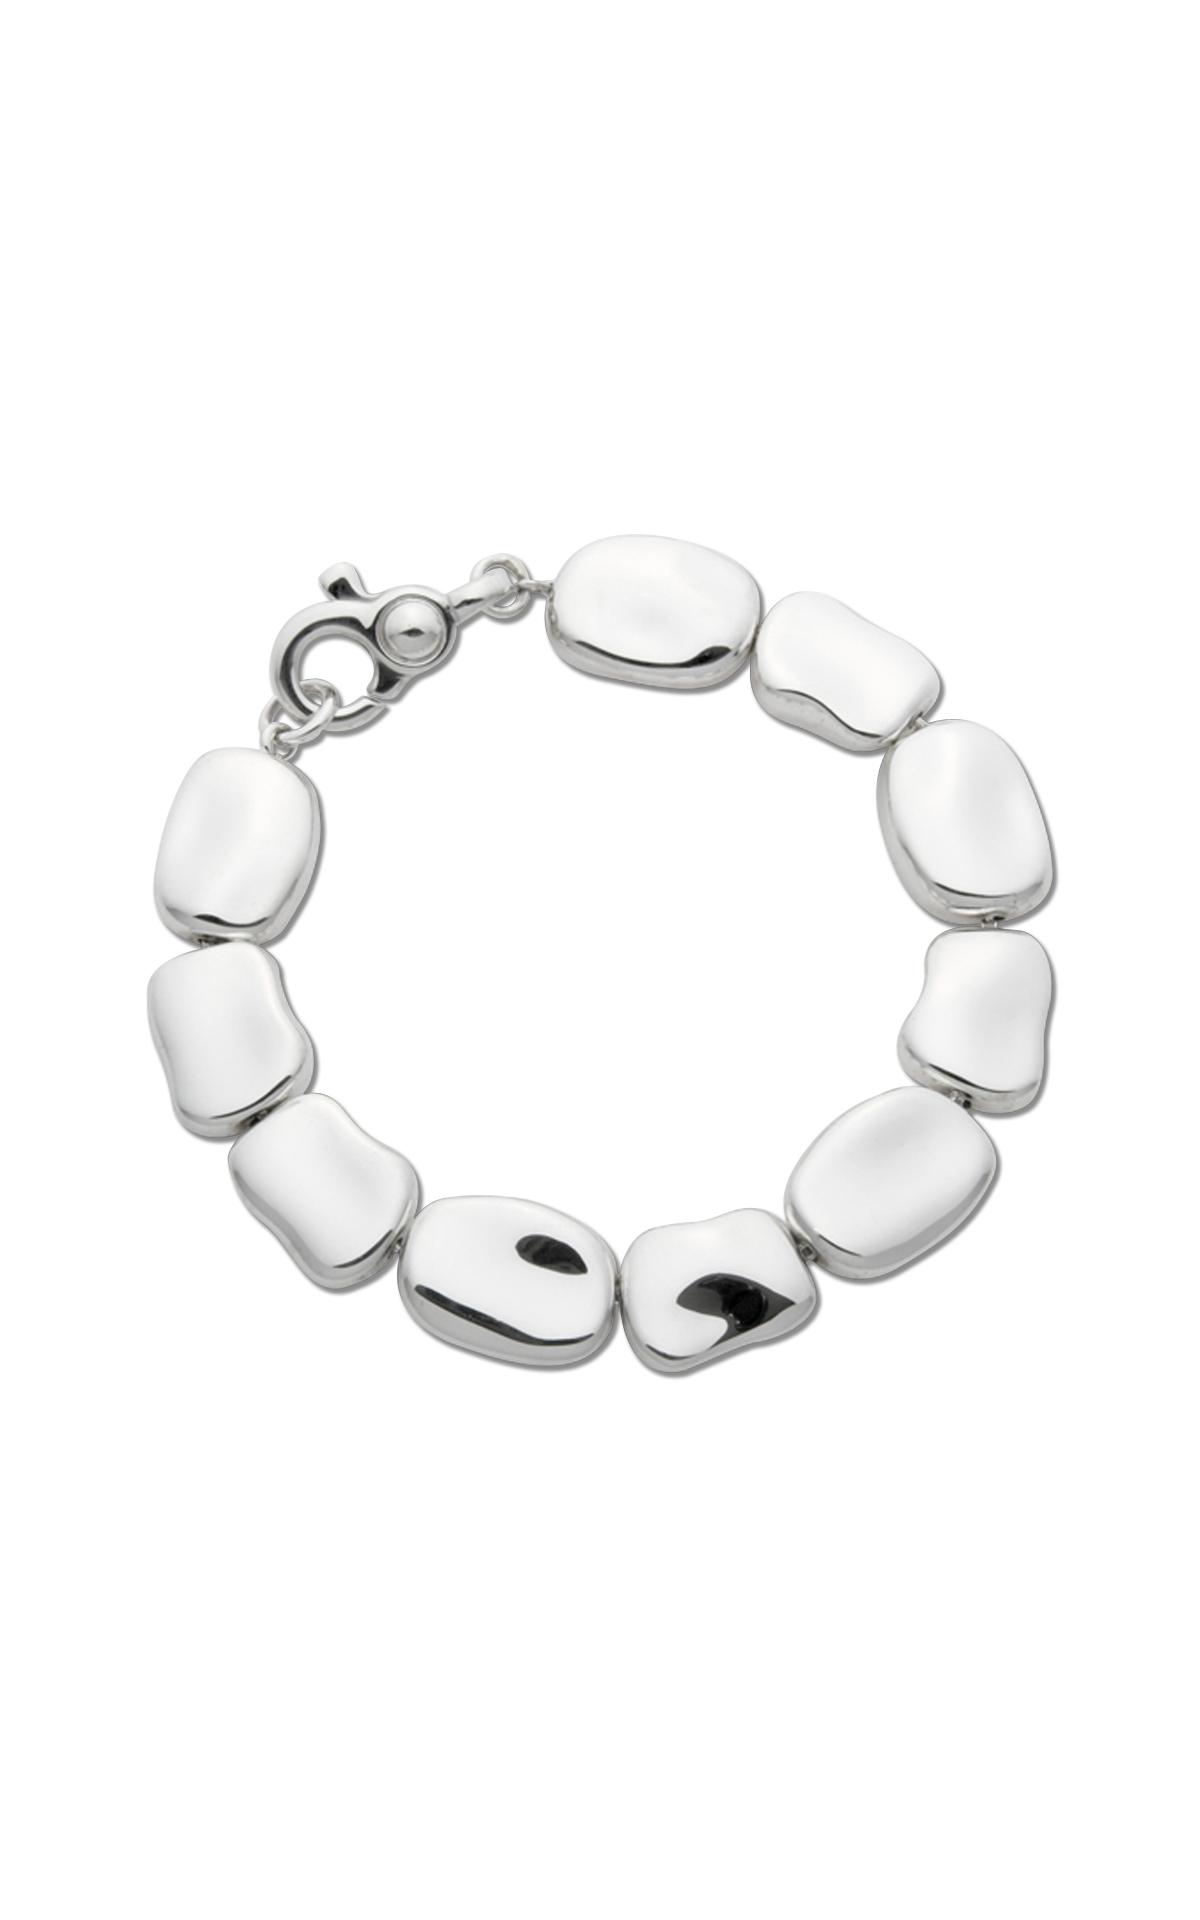 Zina Touchstone Bracelet A174-7 product image